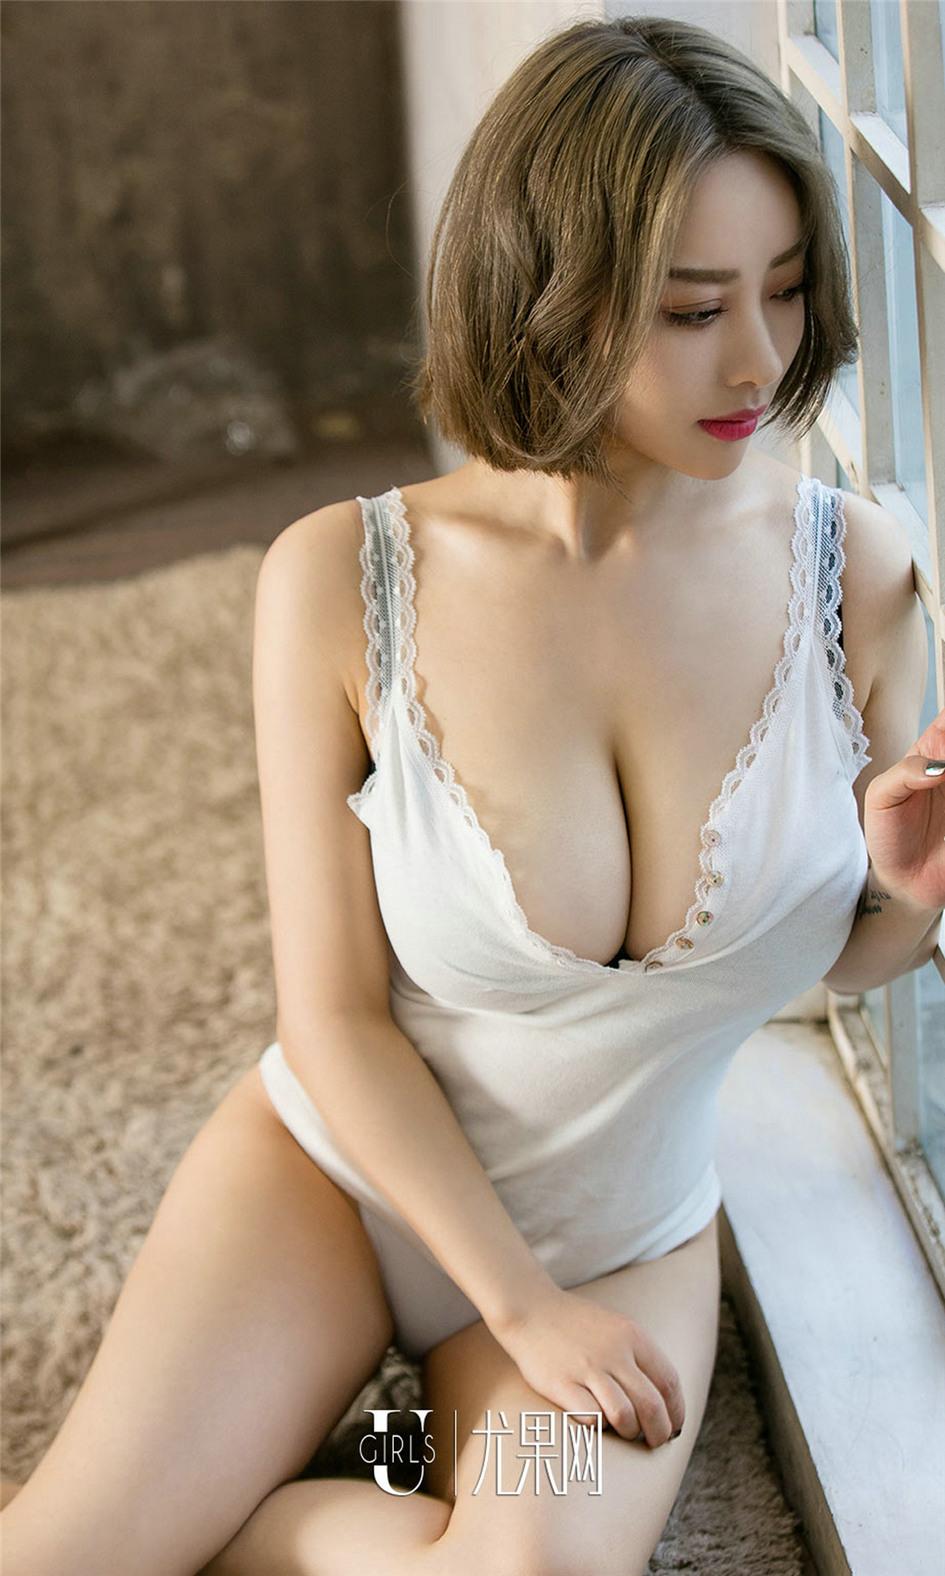 [尤果网] 巨乳尤物爱菲蜜桃美胸诱人私房照 第652期